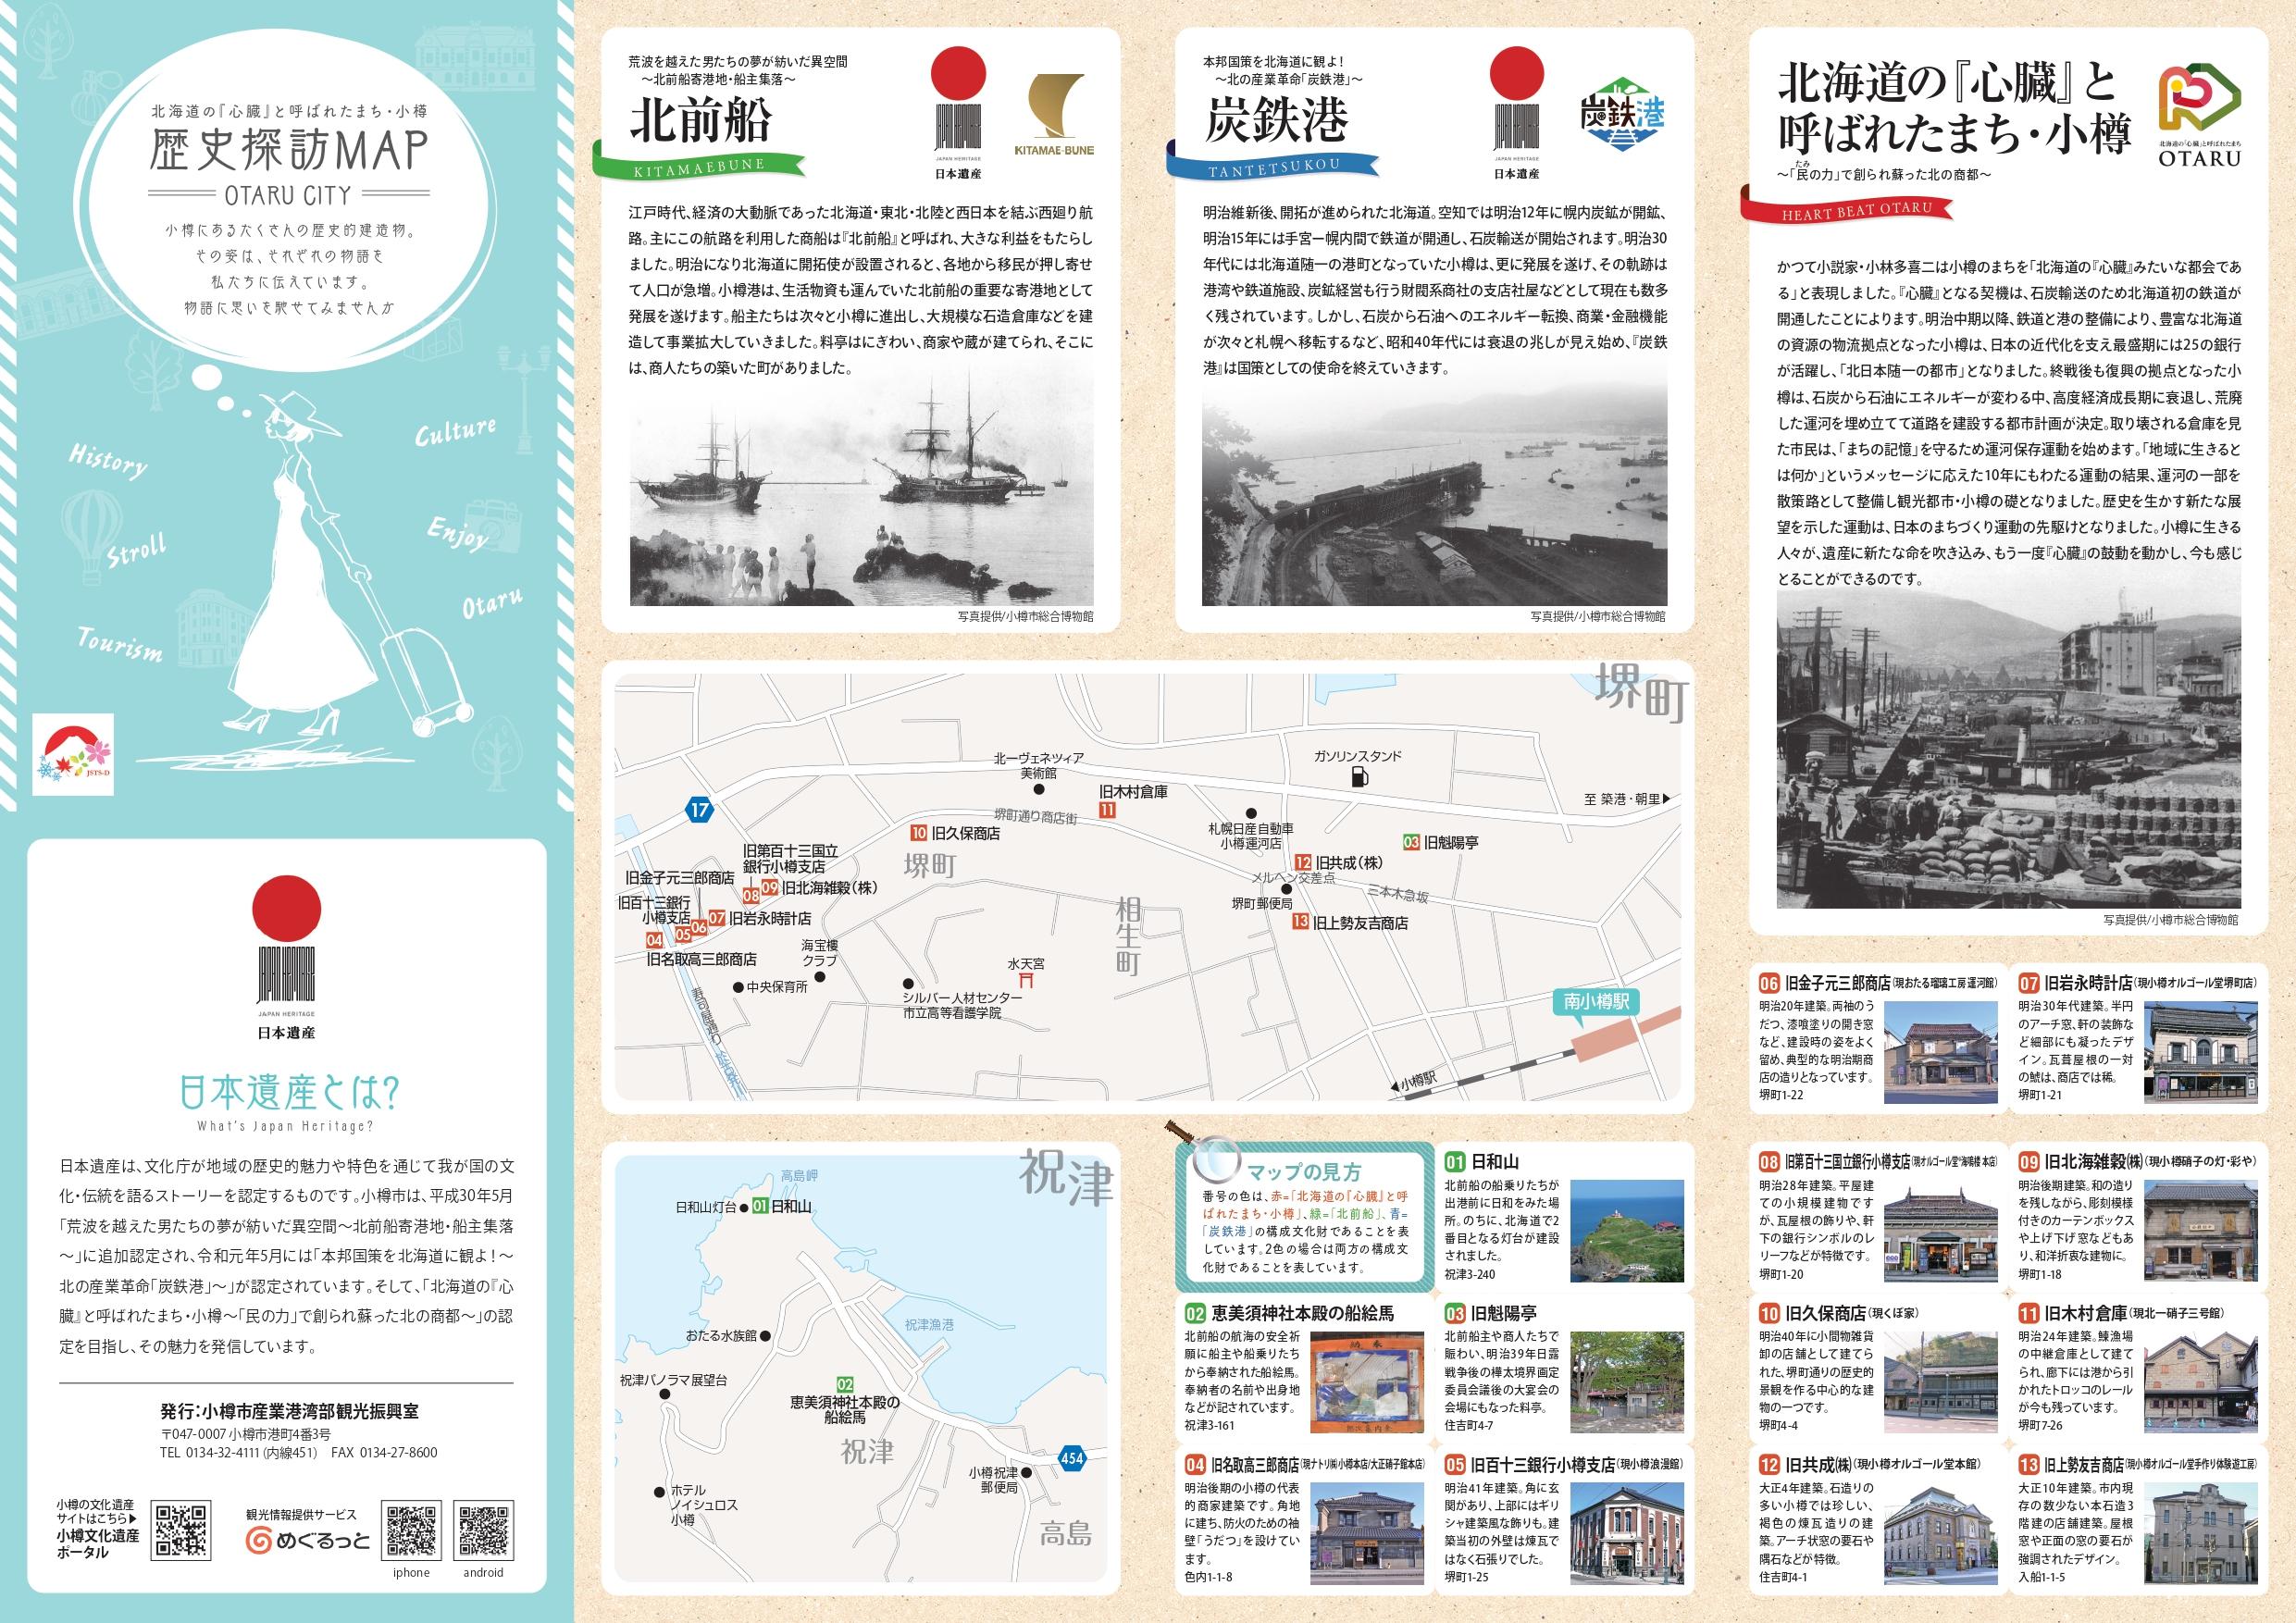 周遊マップ01